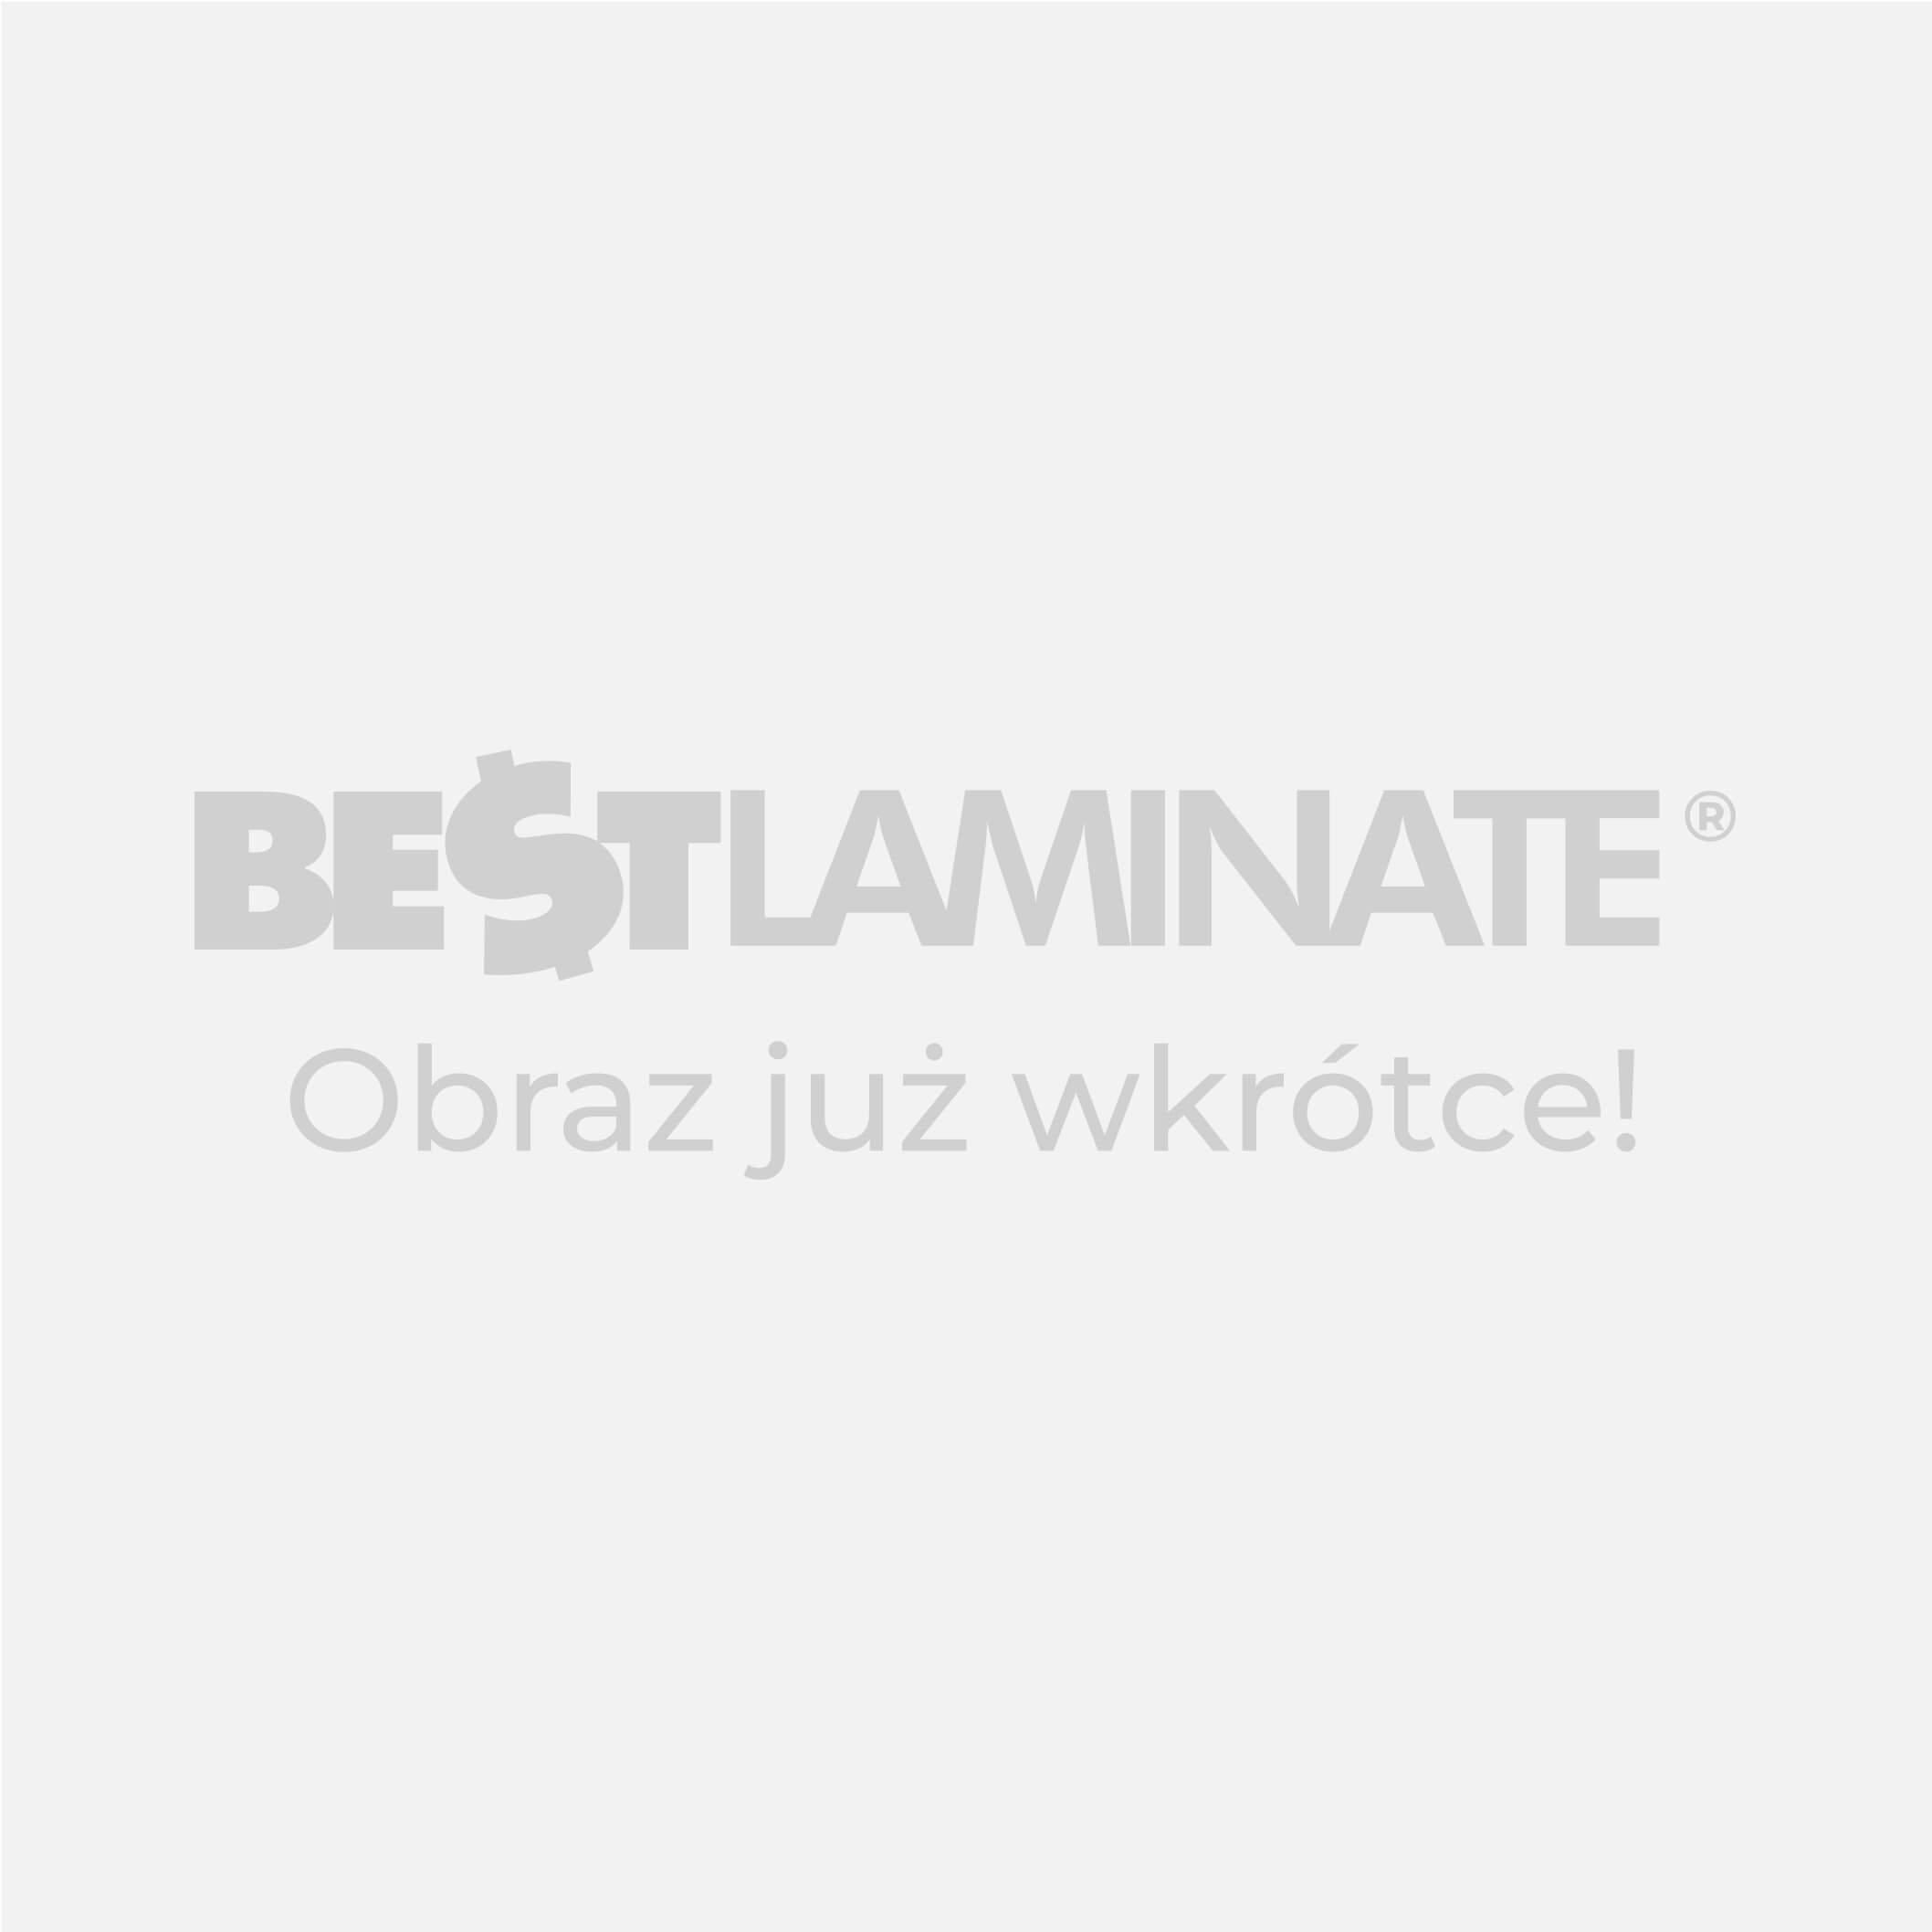 Ćwierćwałek listwa przypodłogowa przyścienna PCV - Bestlaminate Livanti - Ciemny Beton